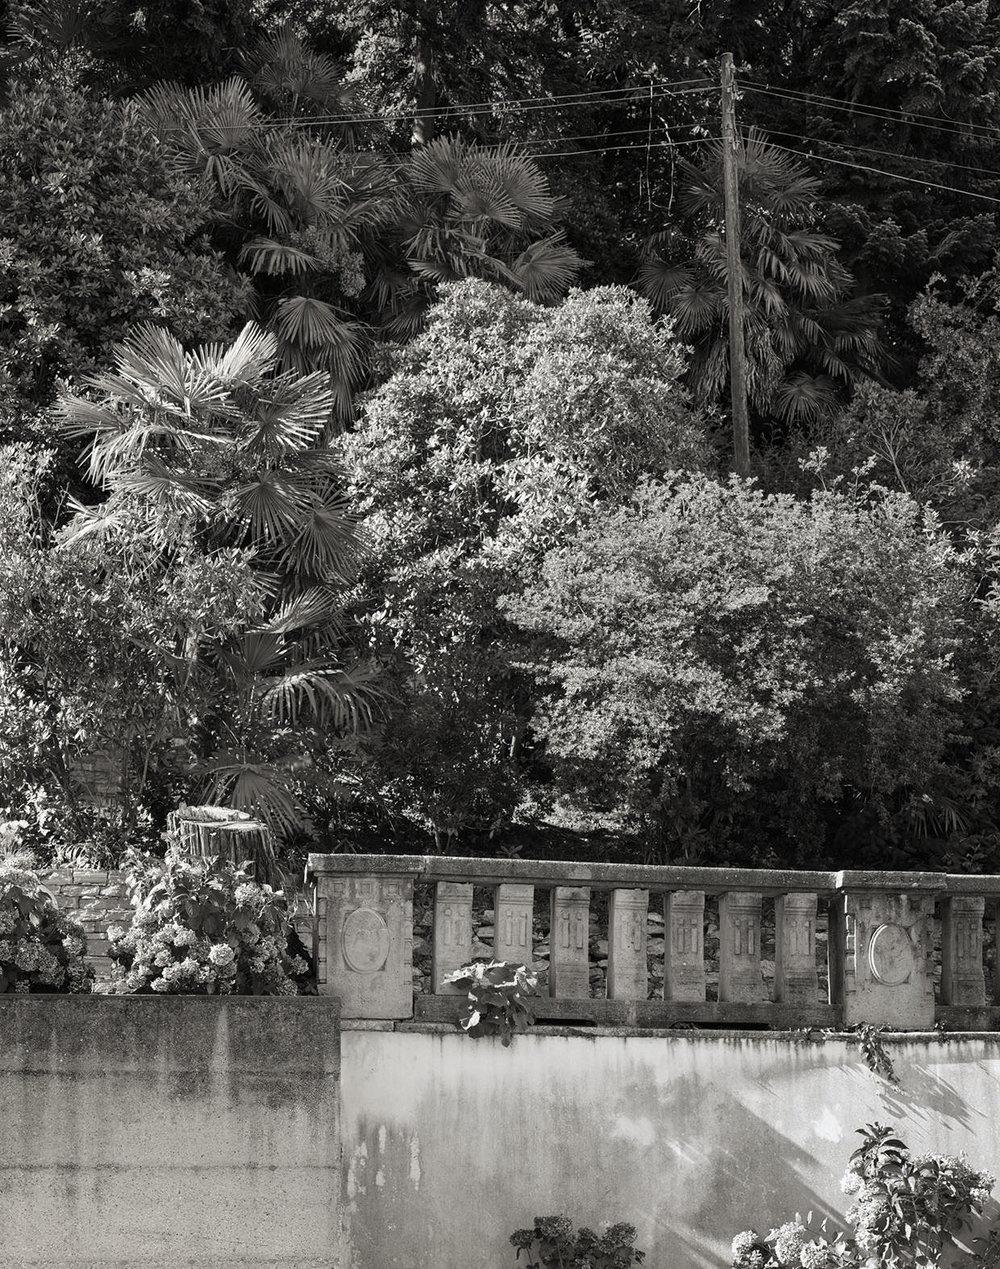 Abb. 14  Garten des Sanatoriums Viktoria (heute Clinica Santa Croce) in Locarno-Orselina , 2005, Fotograf: Dominique Uldry ©Bern: Dominique Uldry Die Aufnahme entstand beim westlichen Seiteneingang der heutigen Klinik.